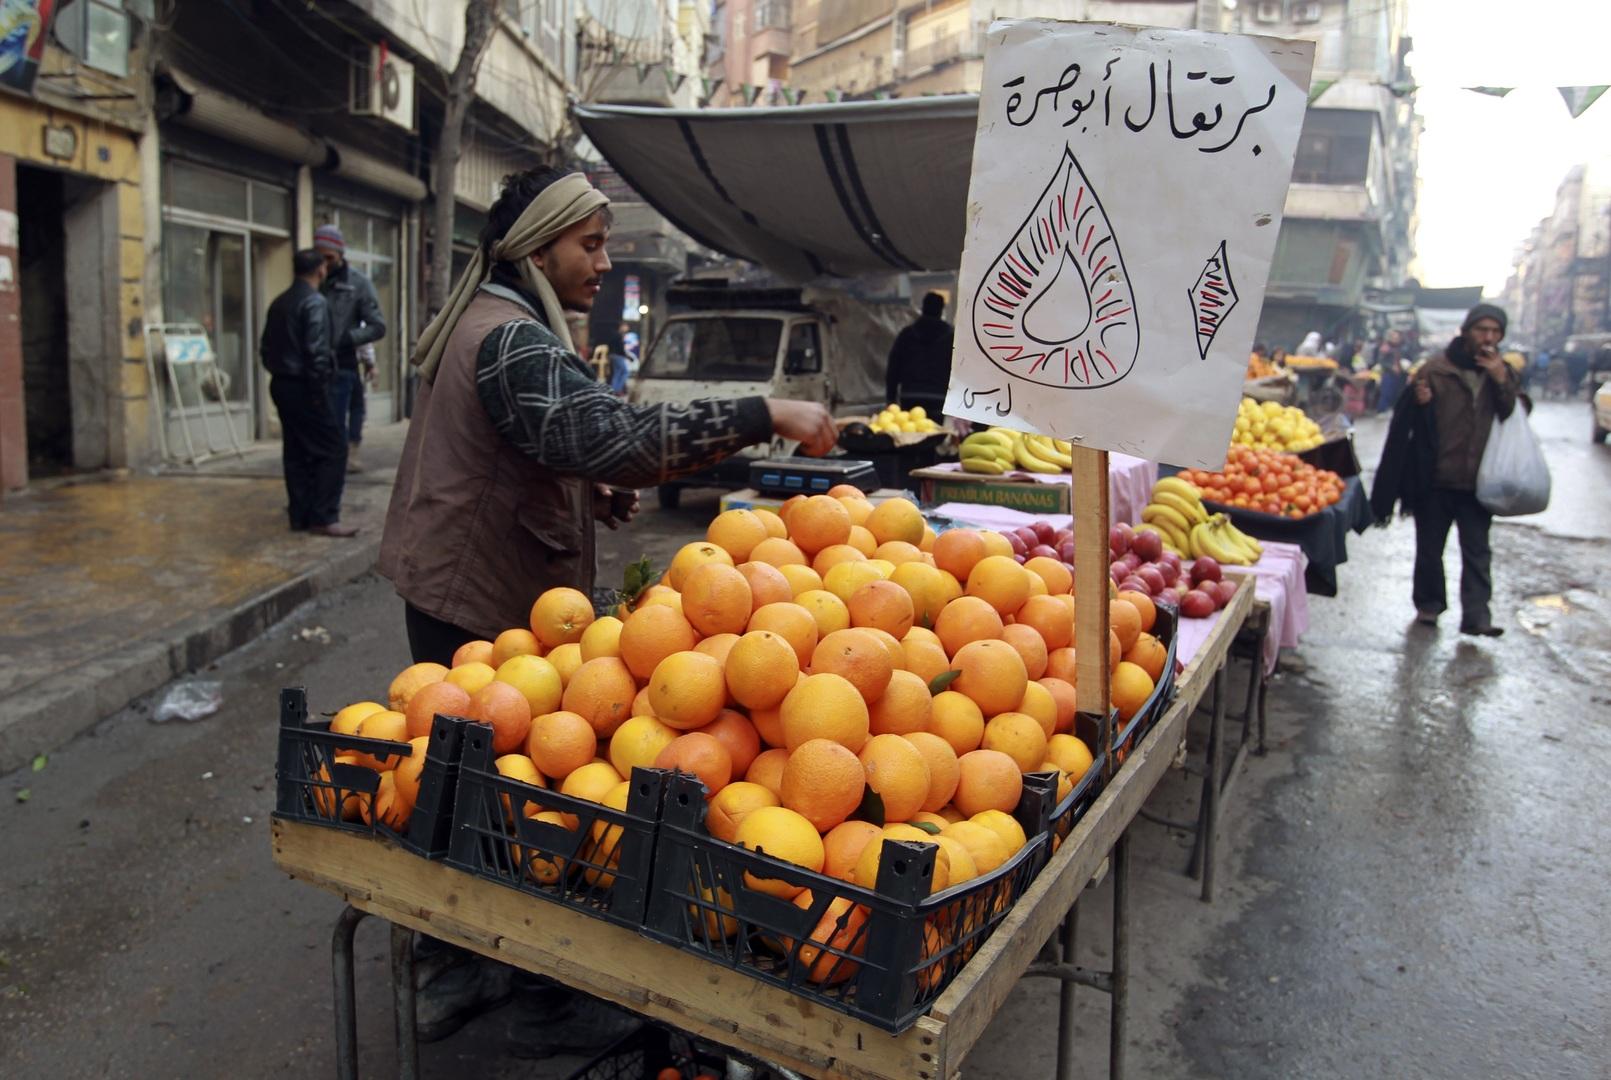 دمشق تدعم مزارعي الحمضيات ومصدريها